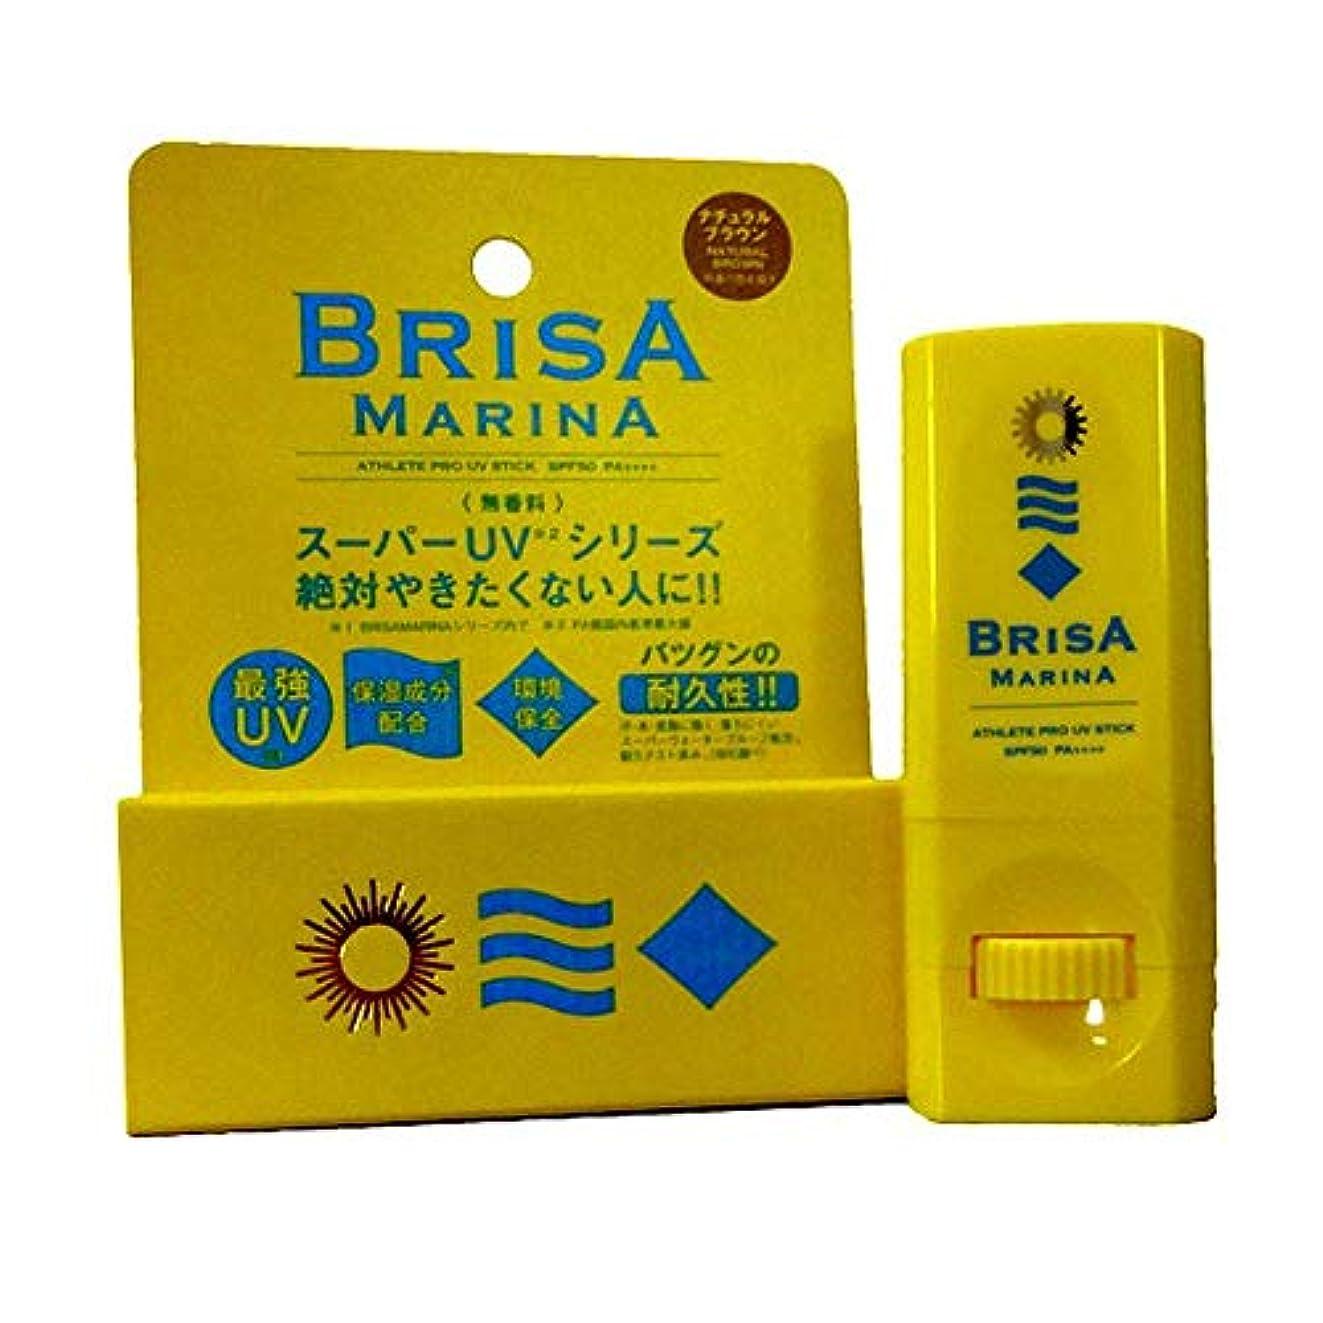 弁護士選択するアナウンサーBRISA MARINA(ブリサマリーナ) ATHLETE PRO UV STICK 10g 日焼け止め スティック (02-NATURAL BROWN)